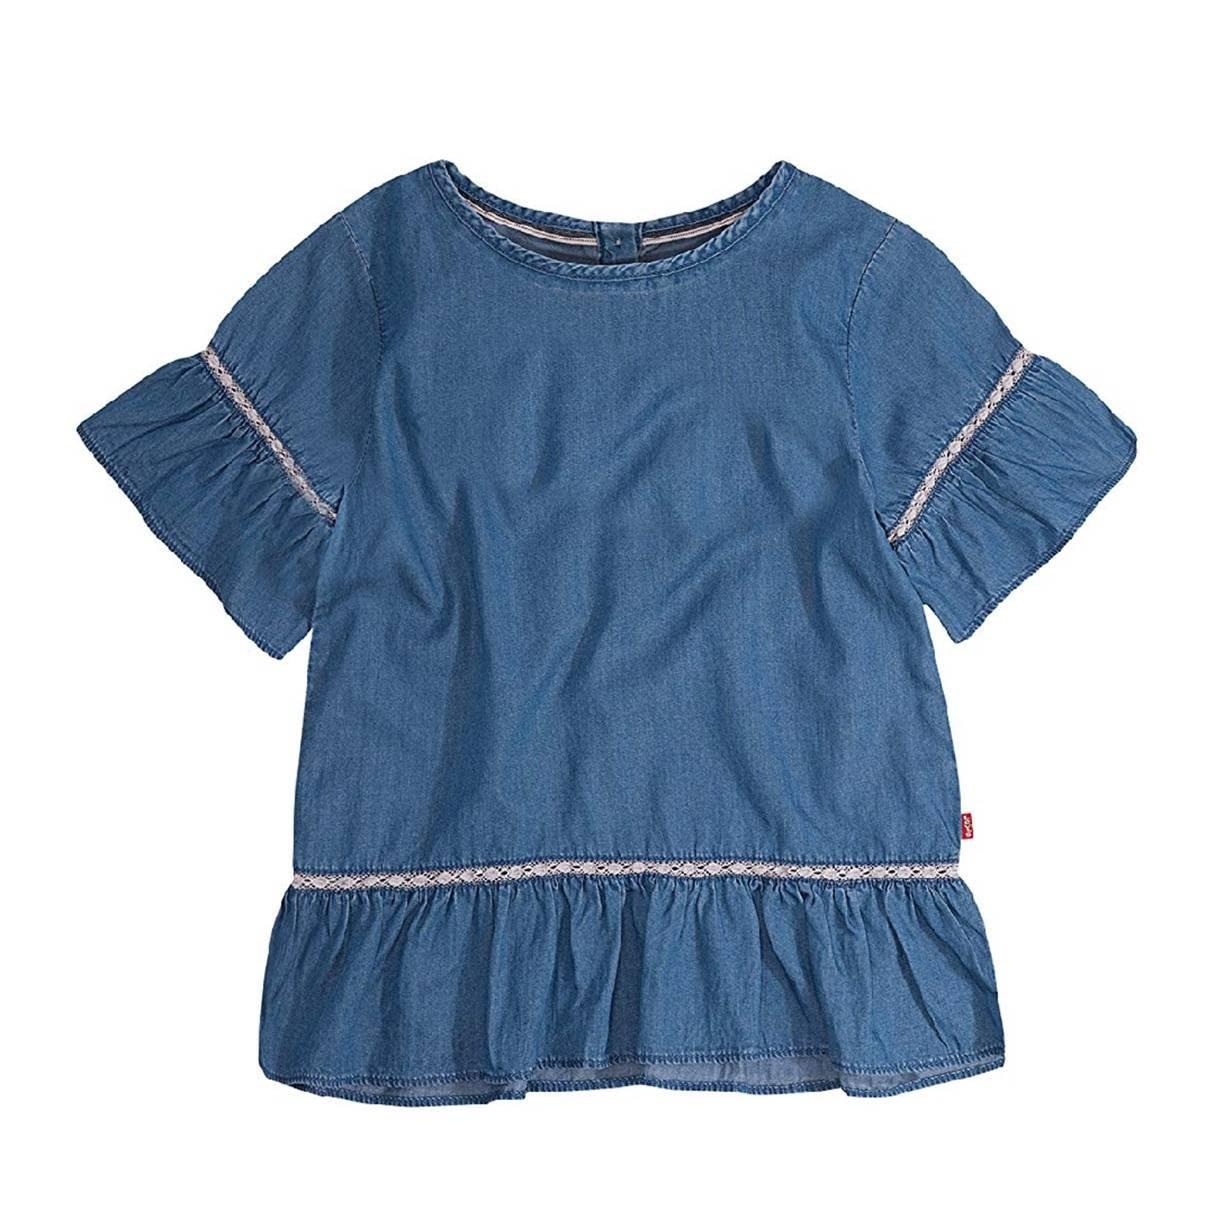 「美樂媽咪」美國正貨-女童Levis Girls Short Sleeve Ruffle Top/童Levis